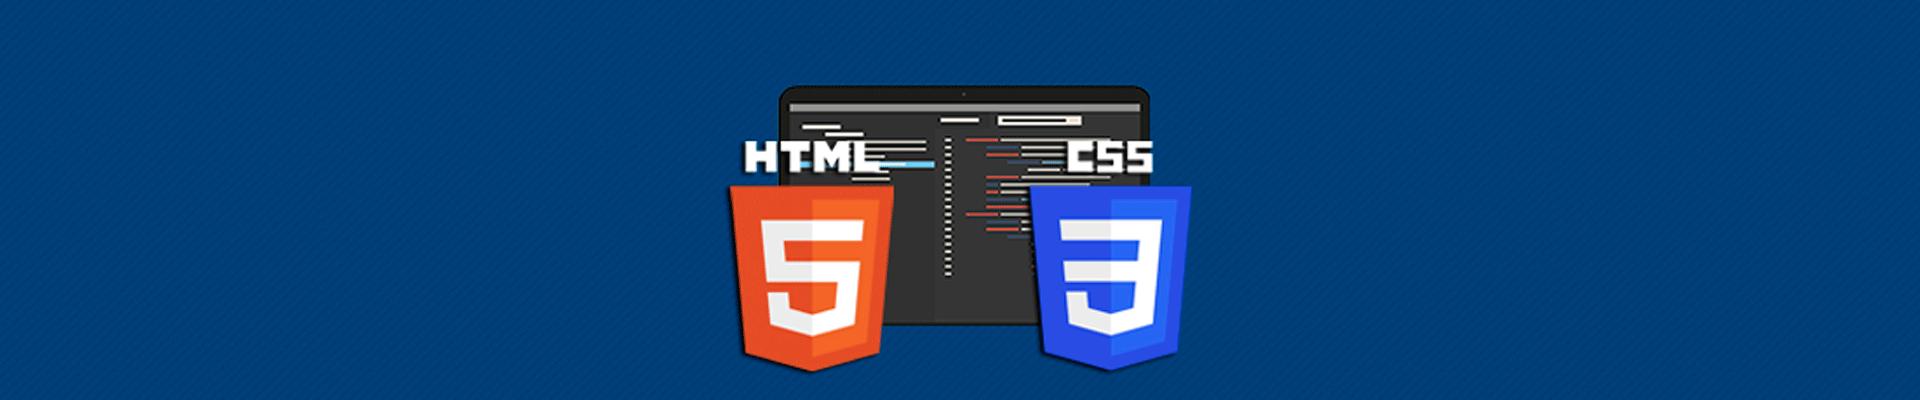 Apprendre à coder en HTML et CSS | Cours complet (2019)